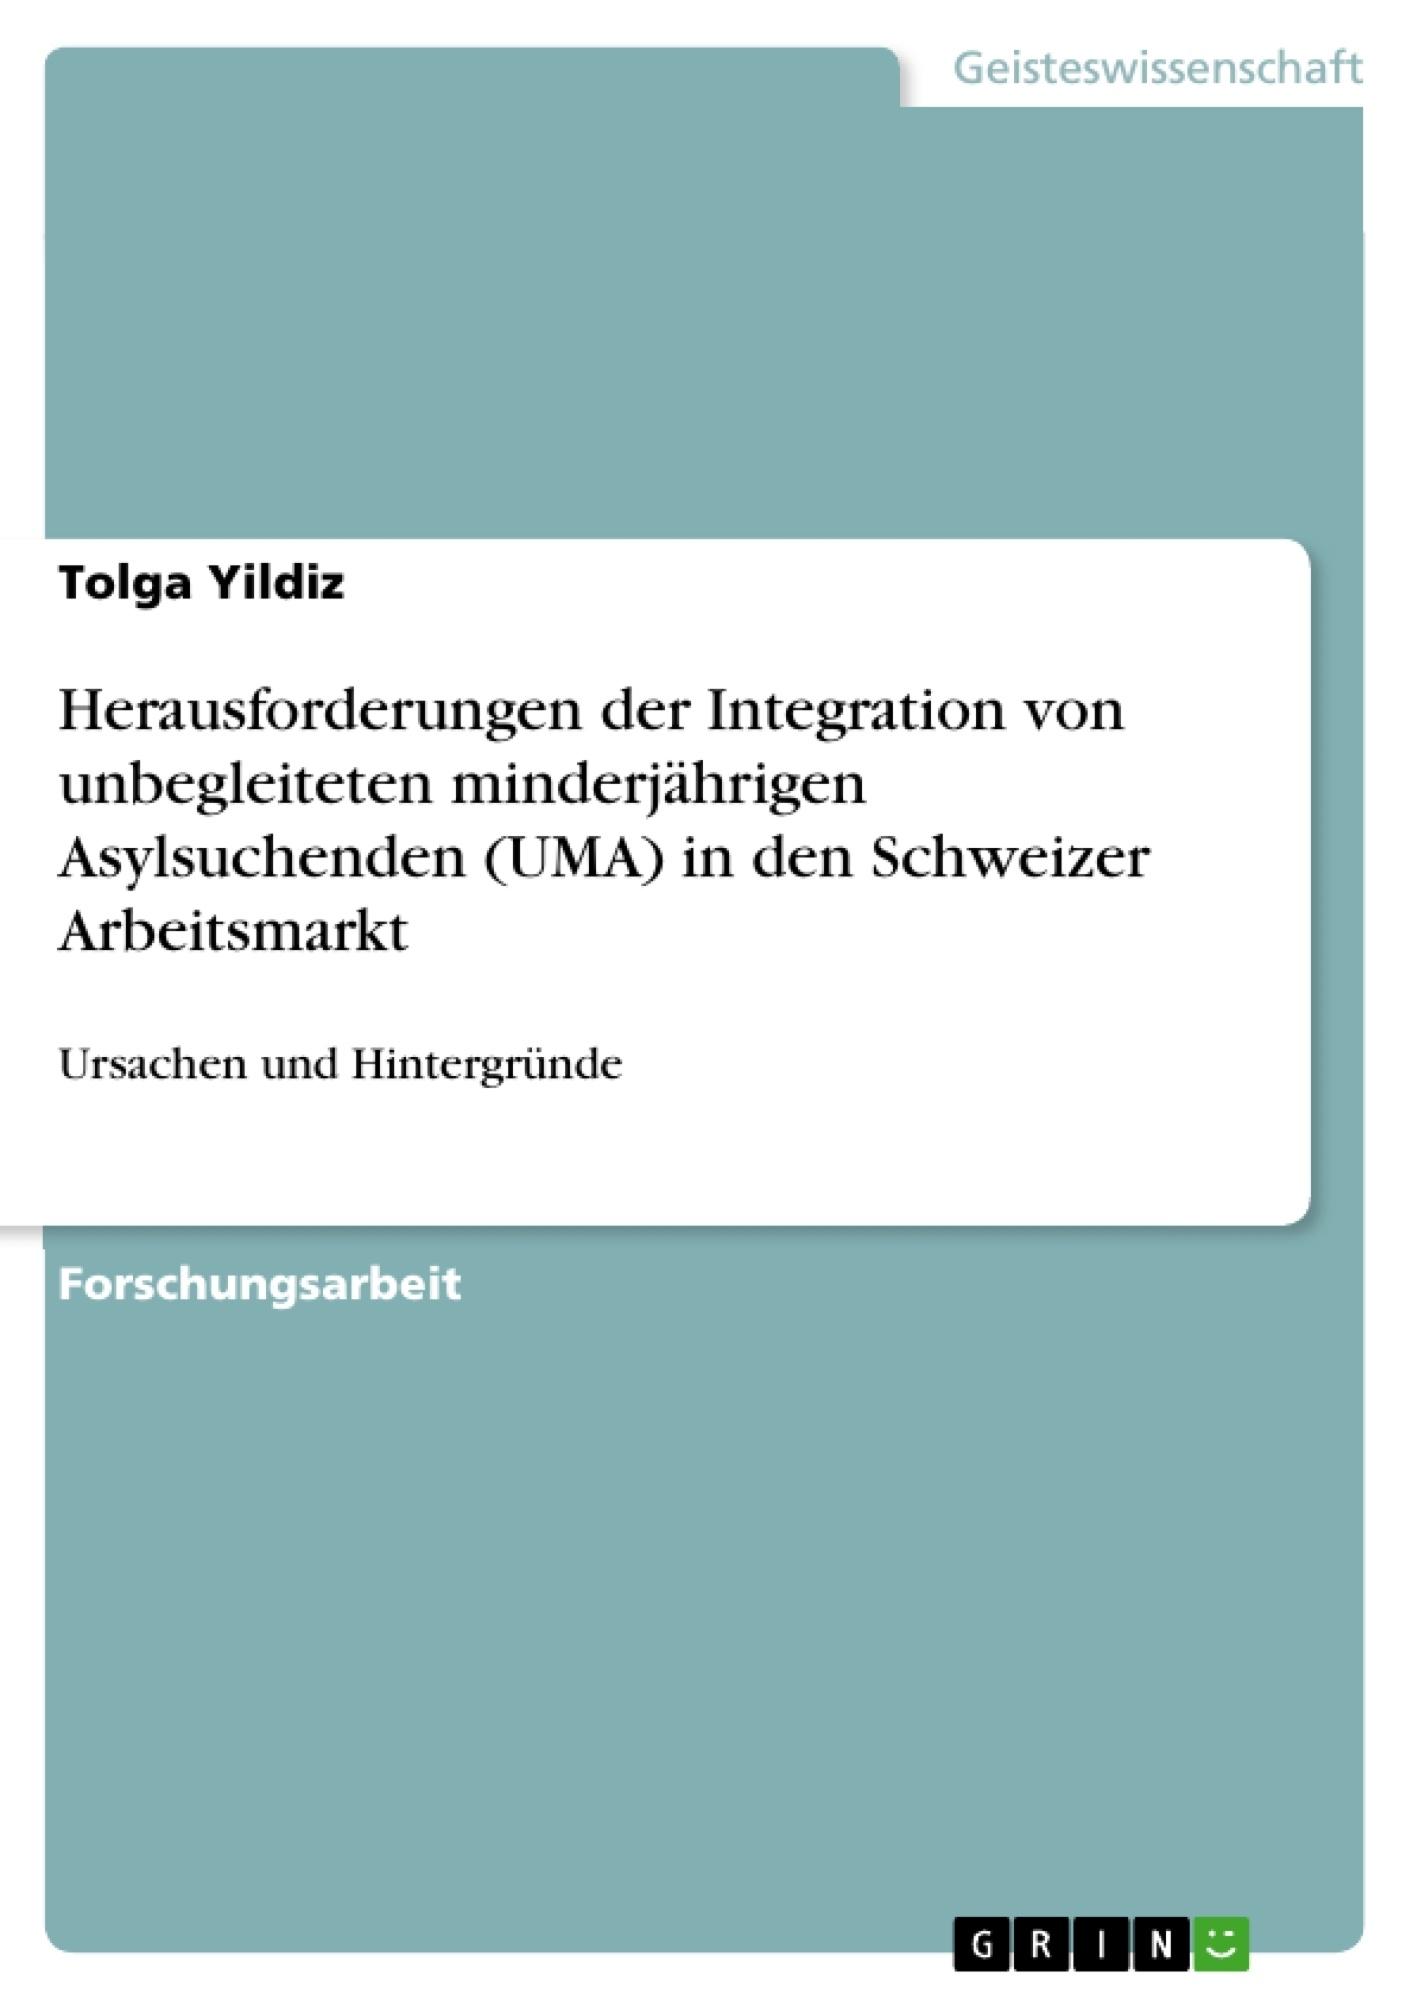 Titel: Herausforderungen der Integration von unbegleiteten minderjährigen Asylsuchenden (UMA) in den Schweizer Arbeitsmarkt